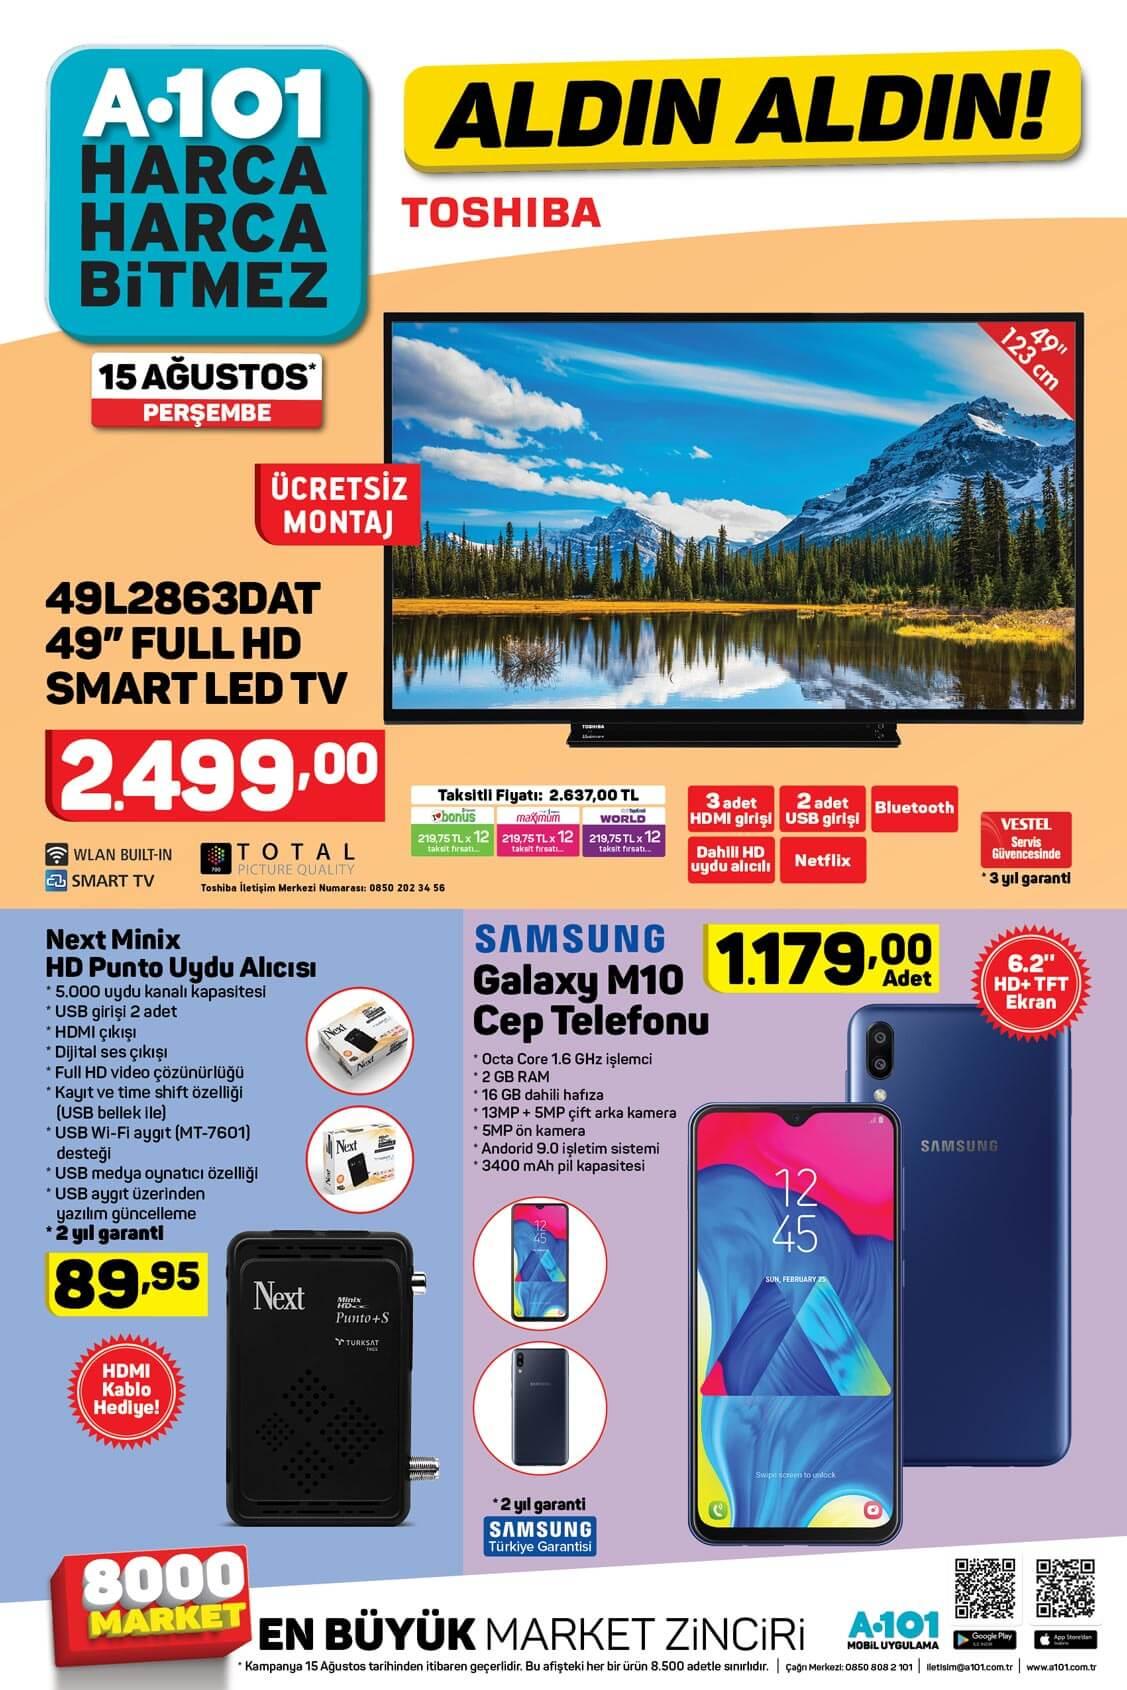 A101 15 Ağustos'tan İtibaren Aldın Aldın Aktüel Ürünleri!